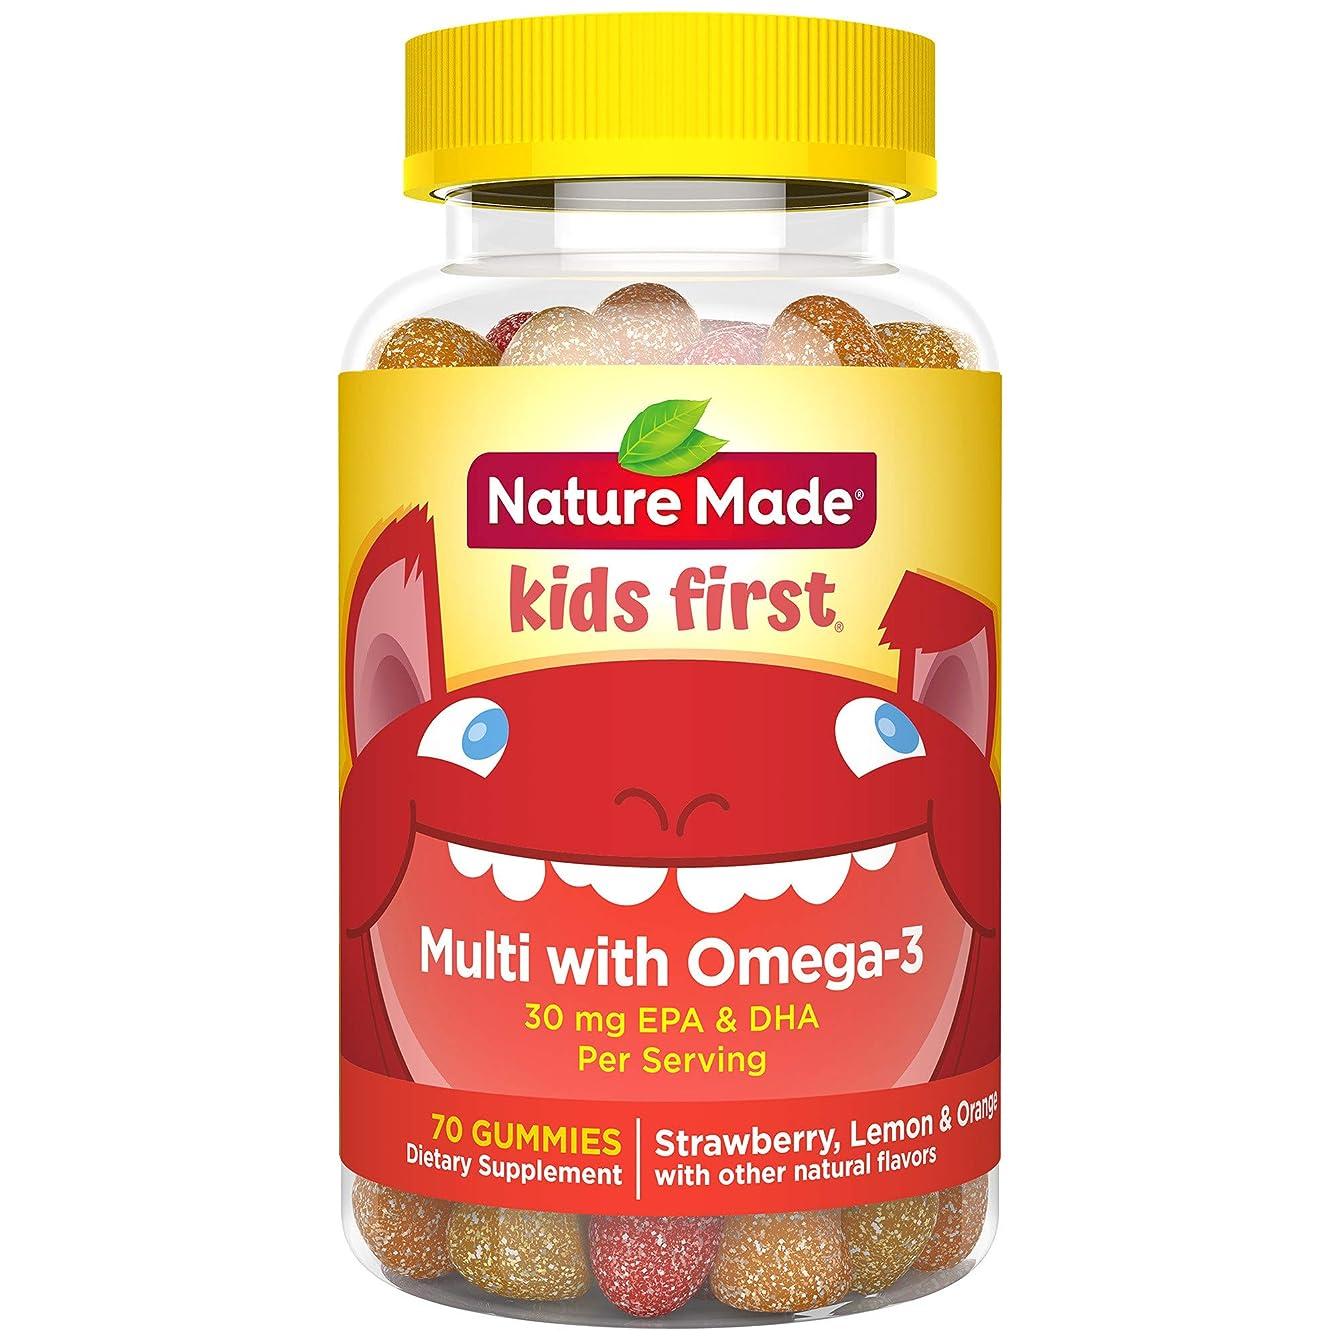 列挙するおもちゃ肥沃なネイチャーメイド Nature Made キッズファースト マルチビタミン オメガ3 グミ 70粒 [並行輸入]